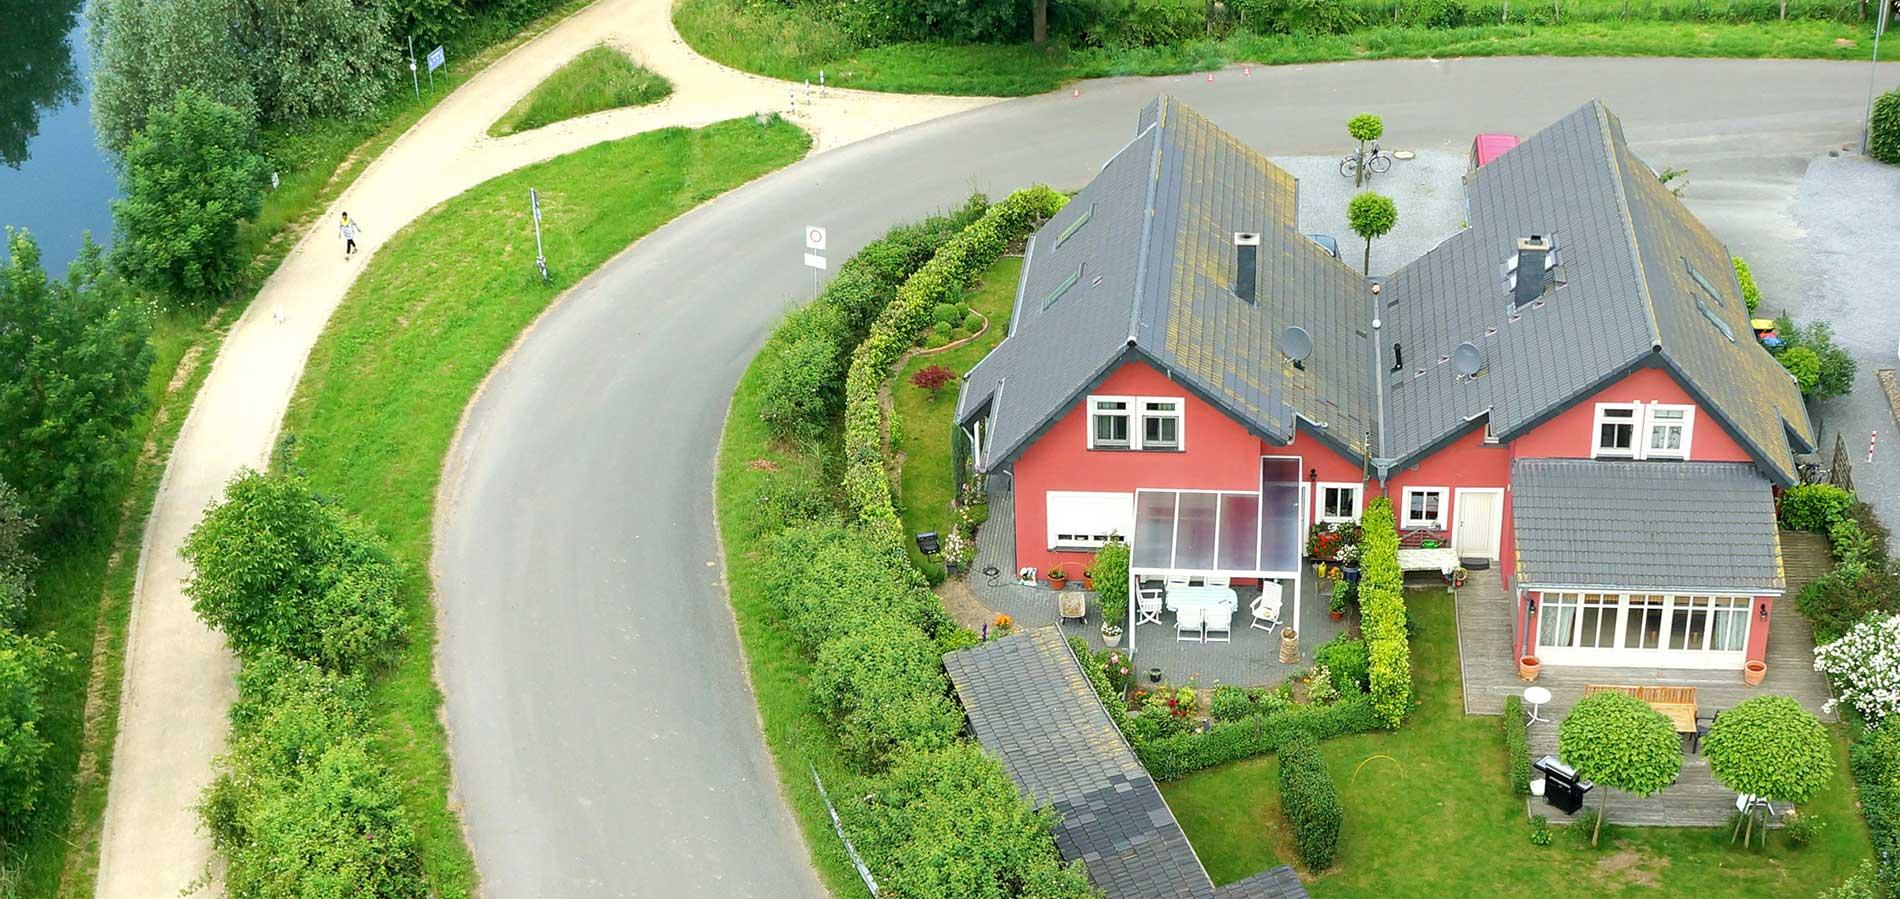 Luftaufnahme von freistehendem Einfamilienhaus